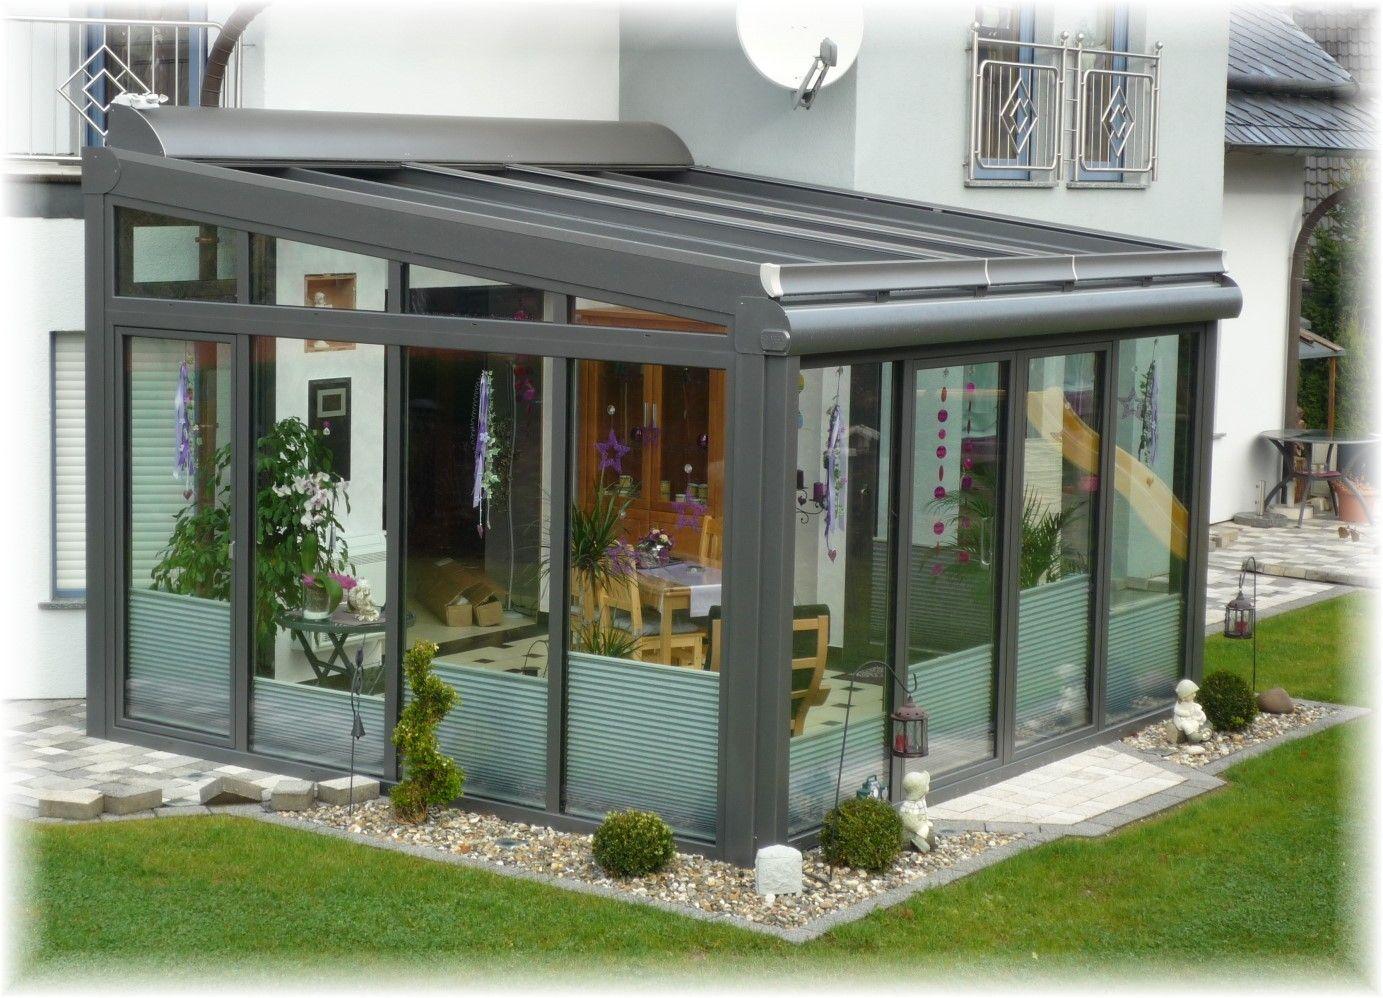 Ein kundenbild mit neuen plissees vom raumtextilienshop fertig montiert im wintergarten - Bundesverband wintergarten ev ...